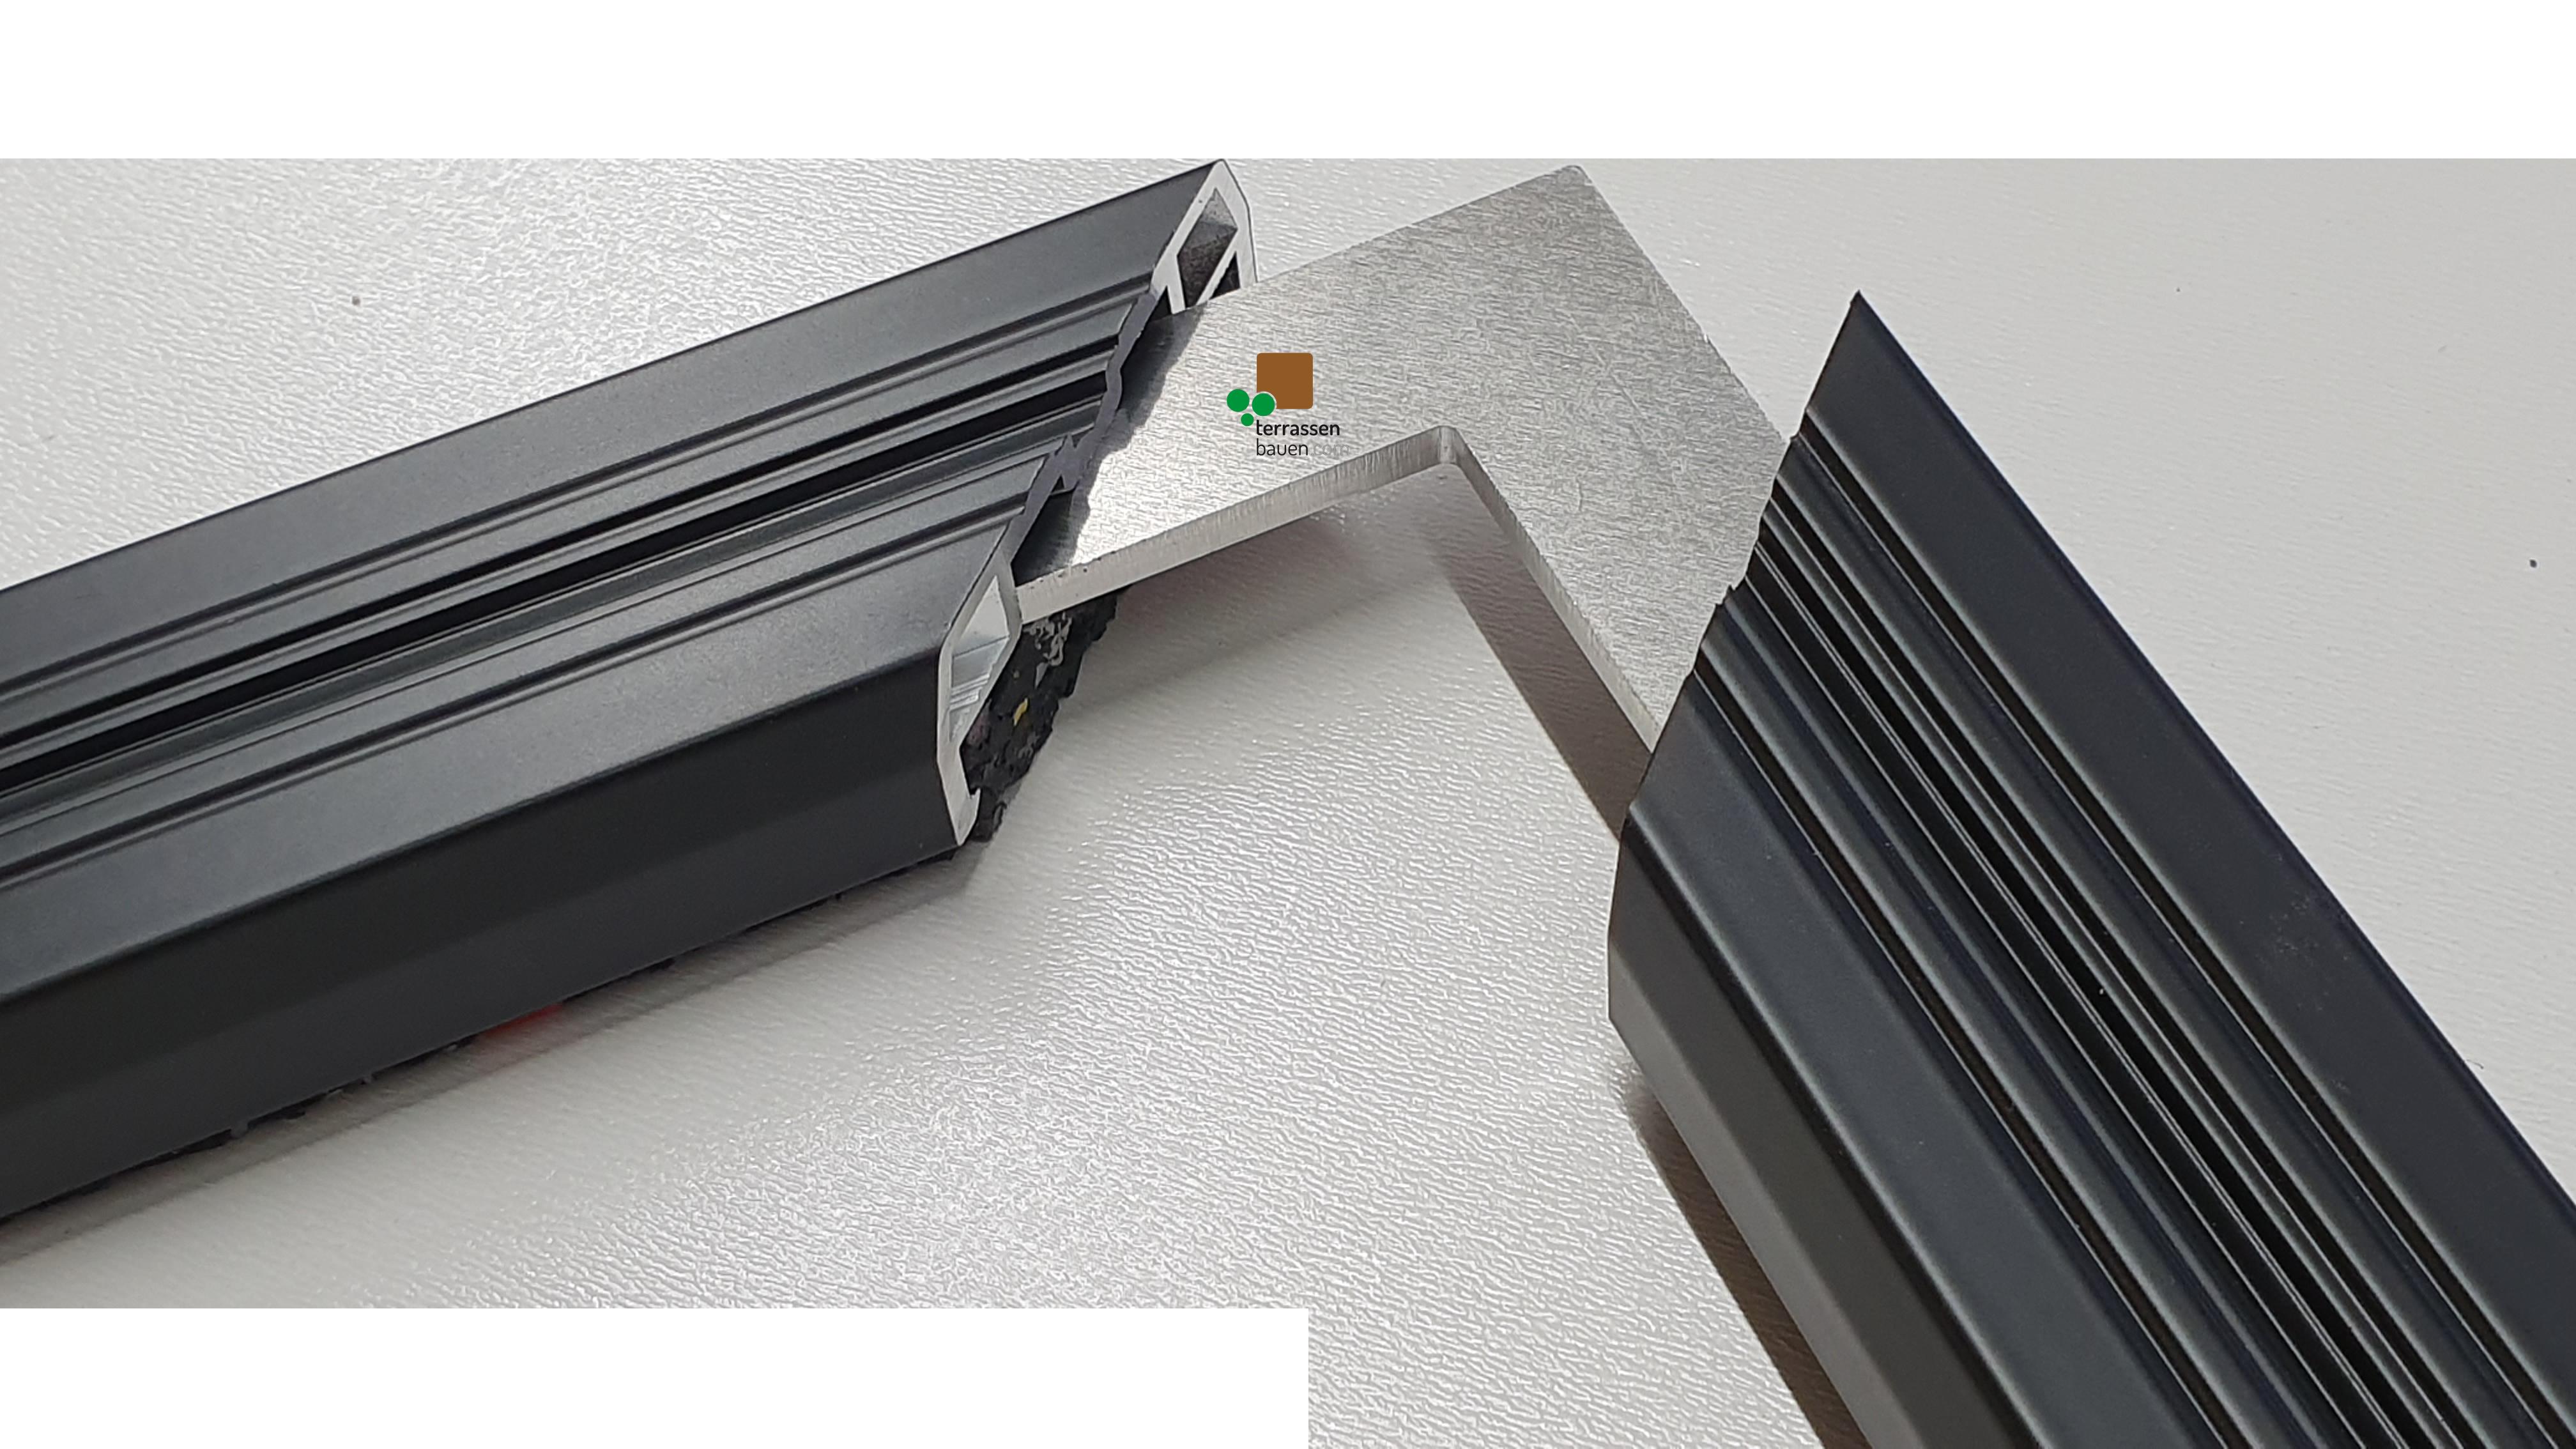 K&R Terracon Eckerverbinder für SMART Isostep, 80mm Schenkellänge, 4 Stück